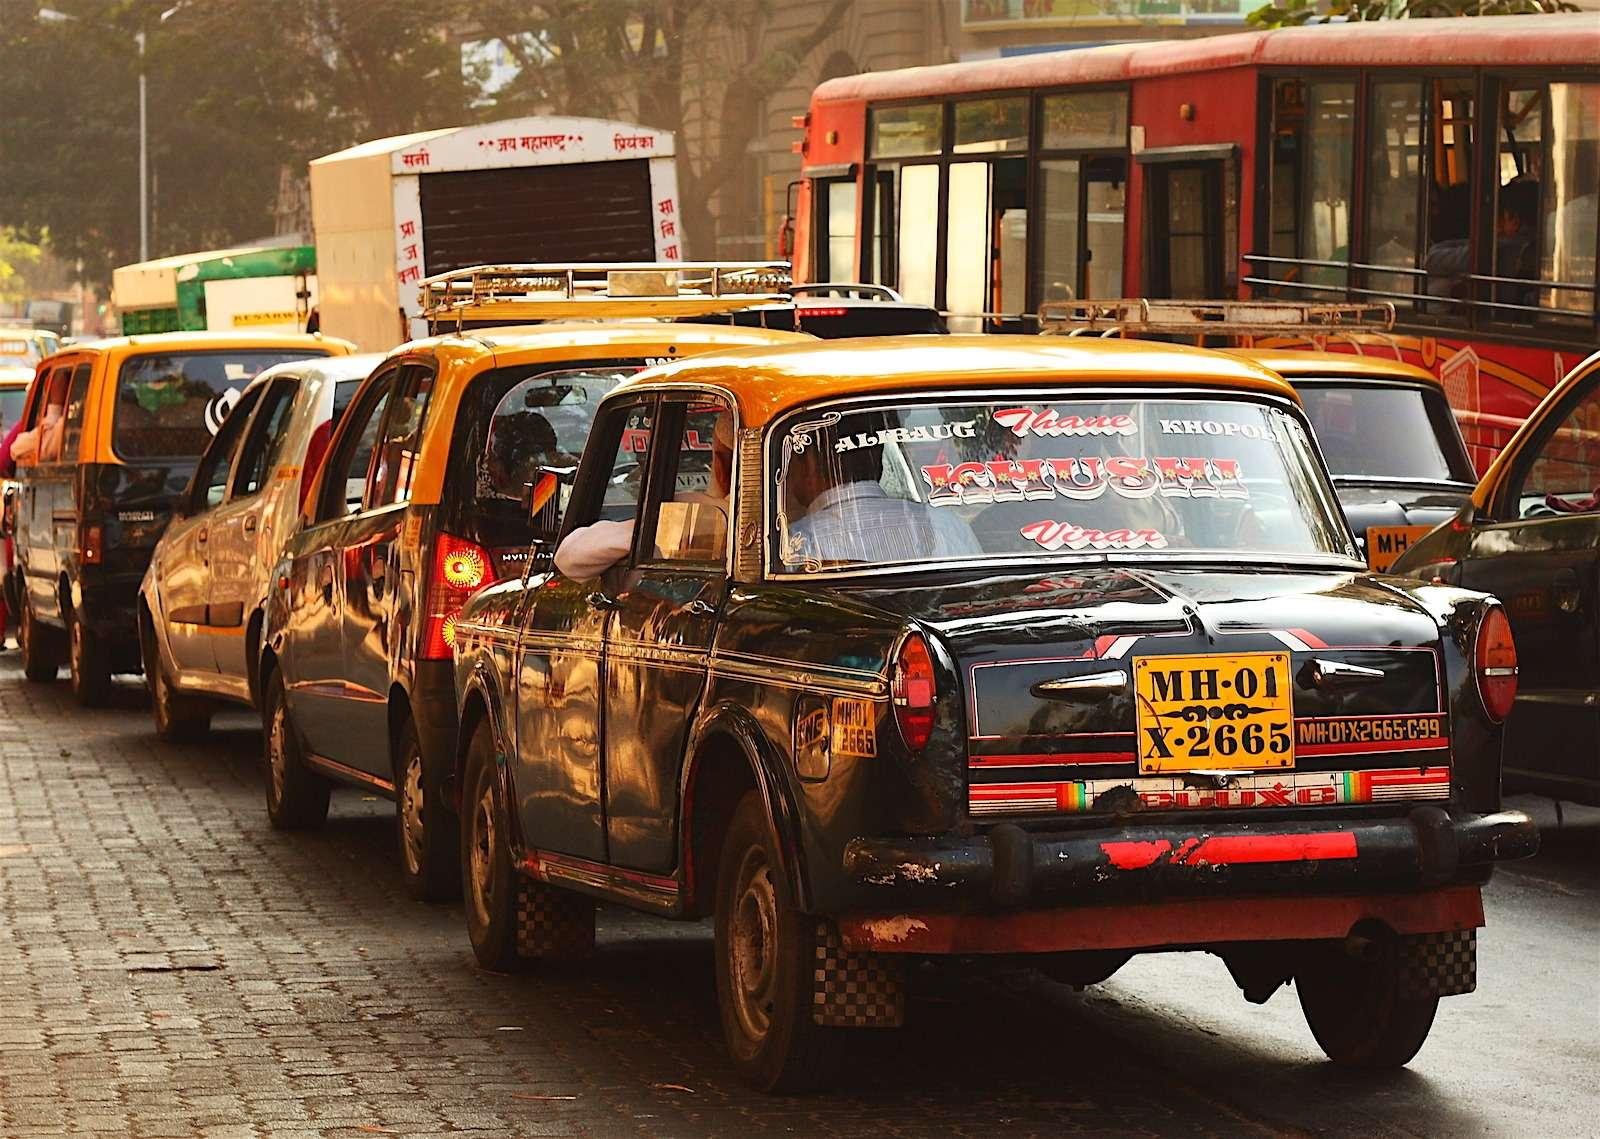 Заавтодержаву обидно: машины стали россиянам непокарману— фото 607839